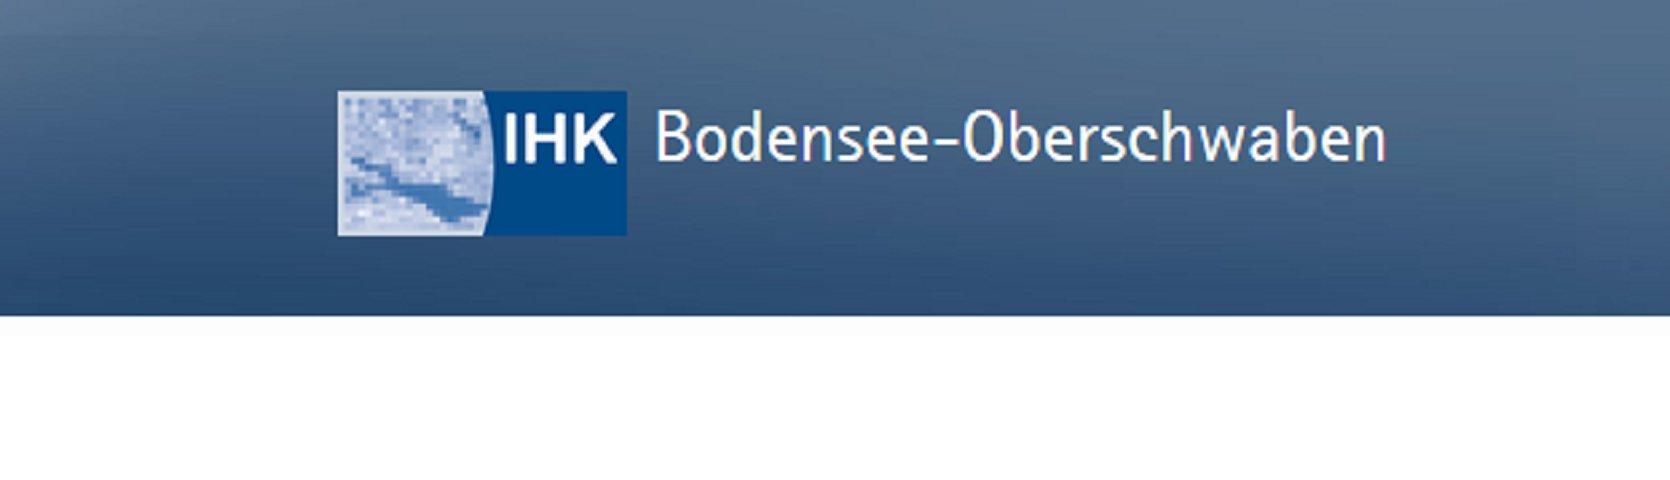 IHK Bodensee-Oberschwaben